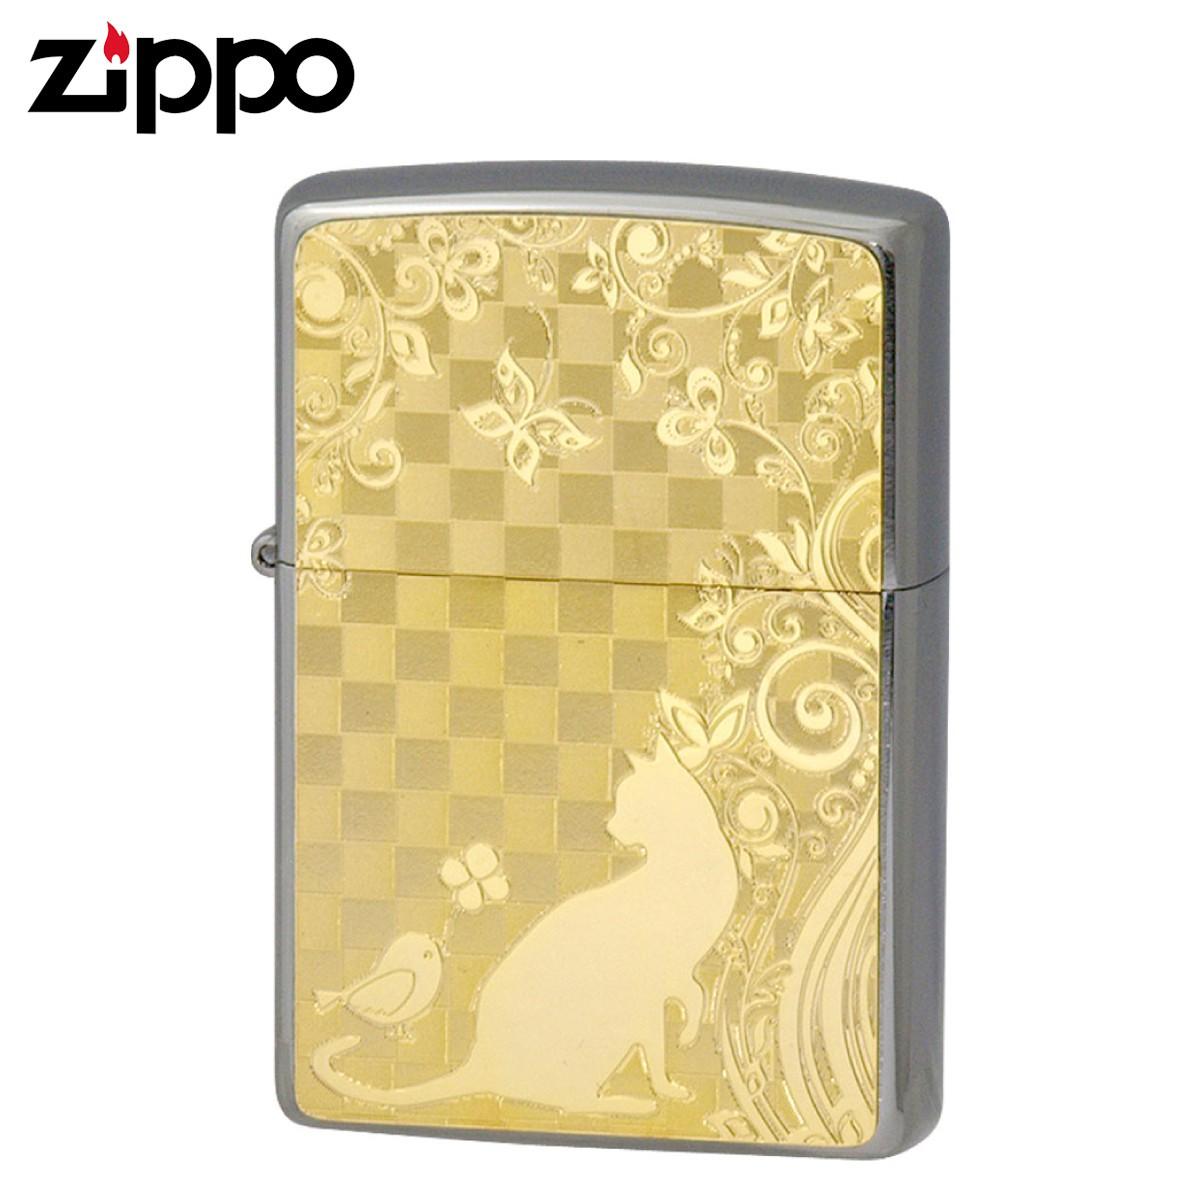 zippo ジッポー ライター オイルライター メタルプレート ゴールド ネコと小鳥 ギフト プレゼント 贈り物 返品不可 喫煙具